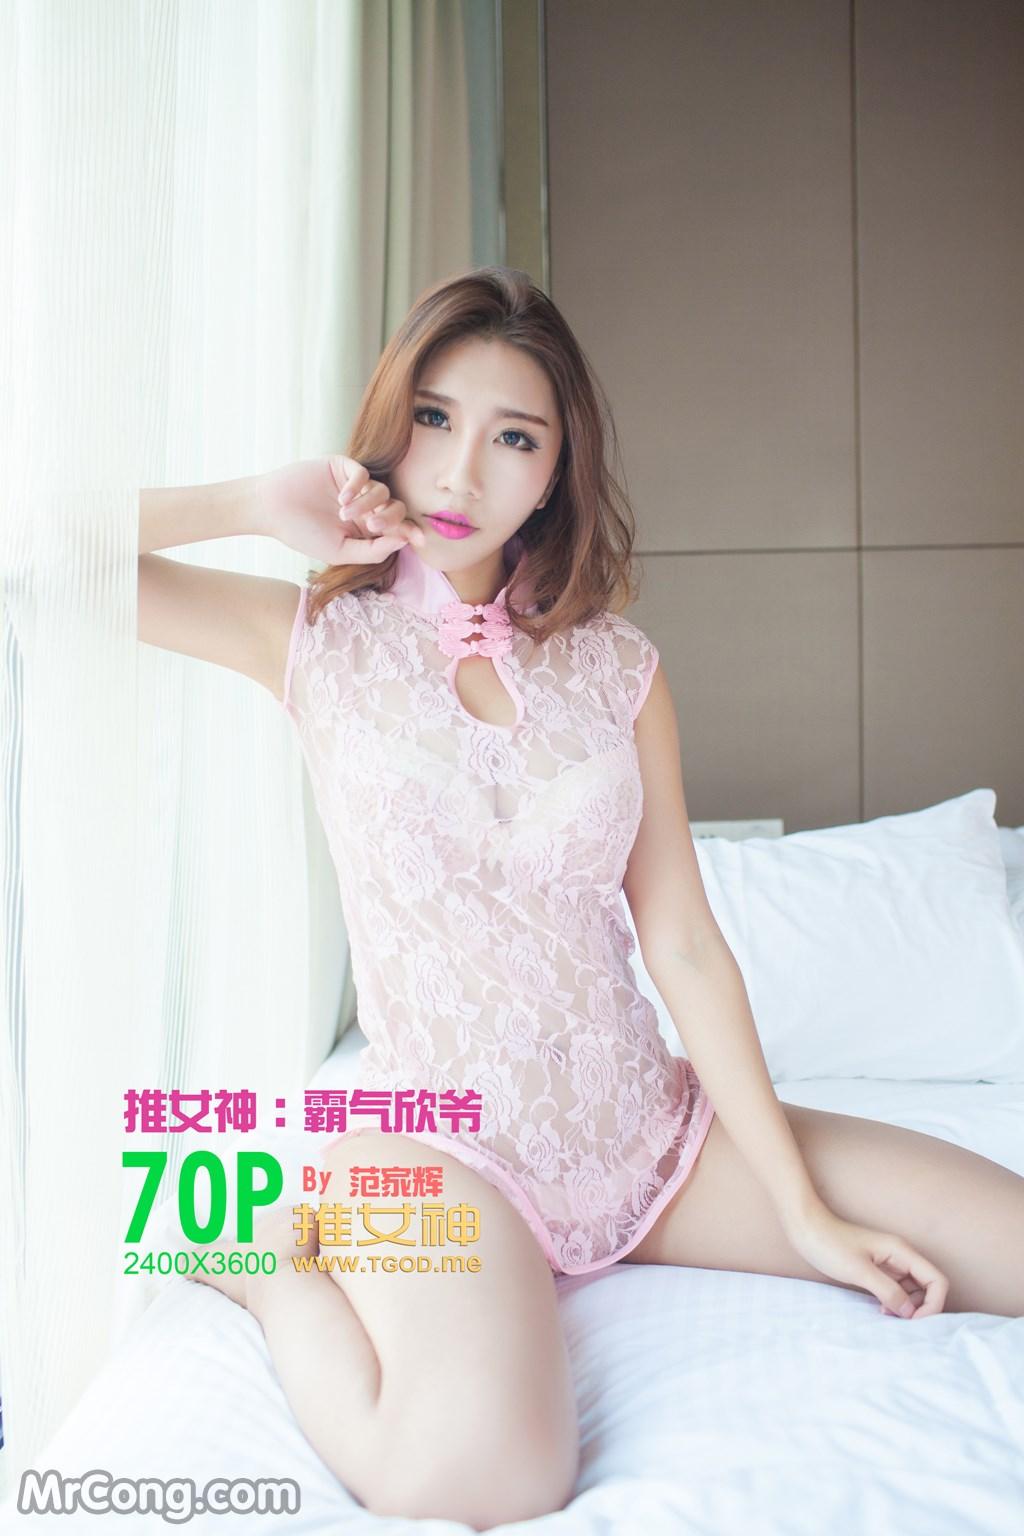 TGOD 2014-08-30: Người mẫu Ba Qi Xin Ye (霸气欣爷) (80 ảnh)